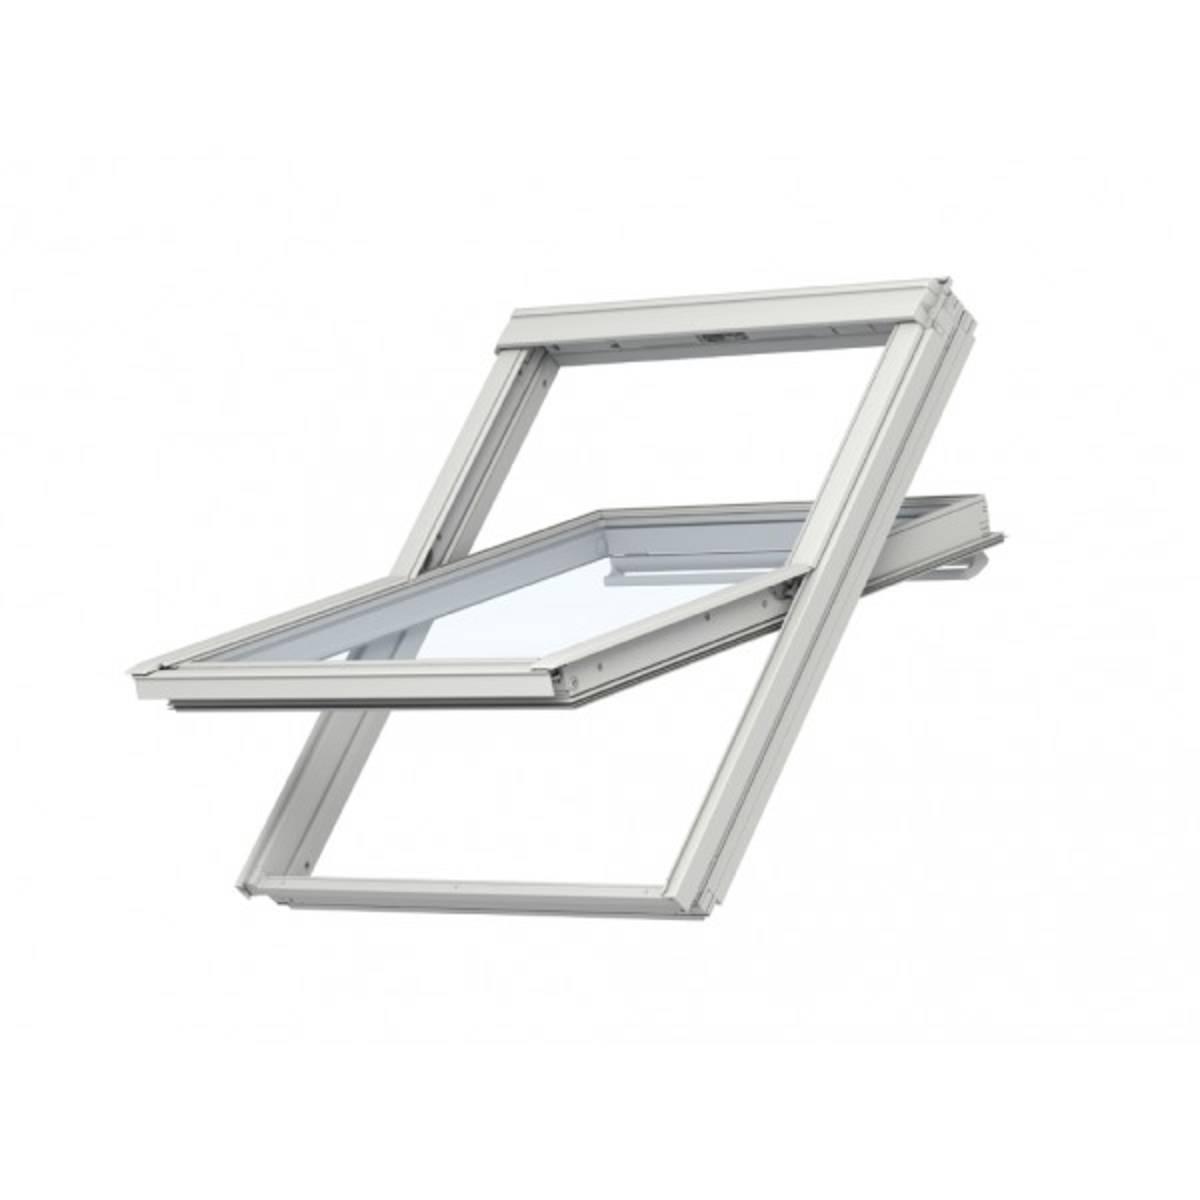 Fenêtre à rotation Confort (finition blanche) CK04 55x98 cm - GGU 0076